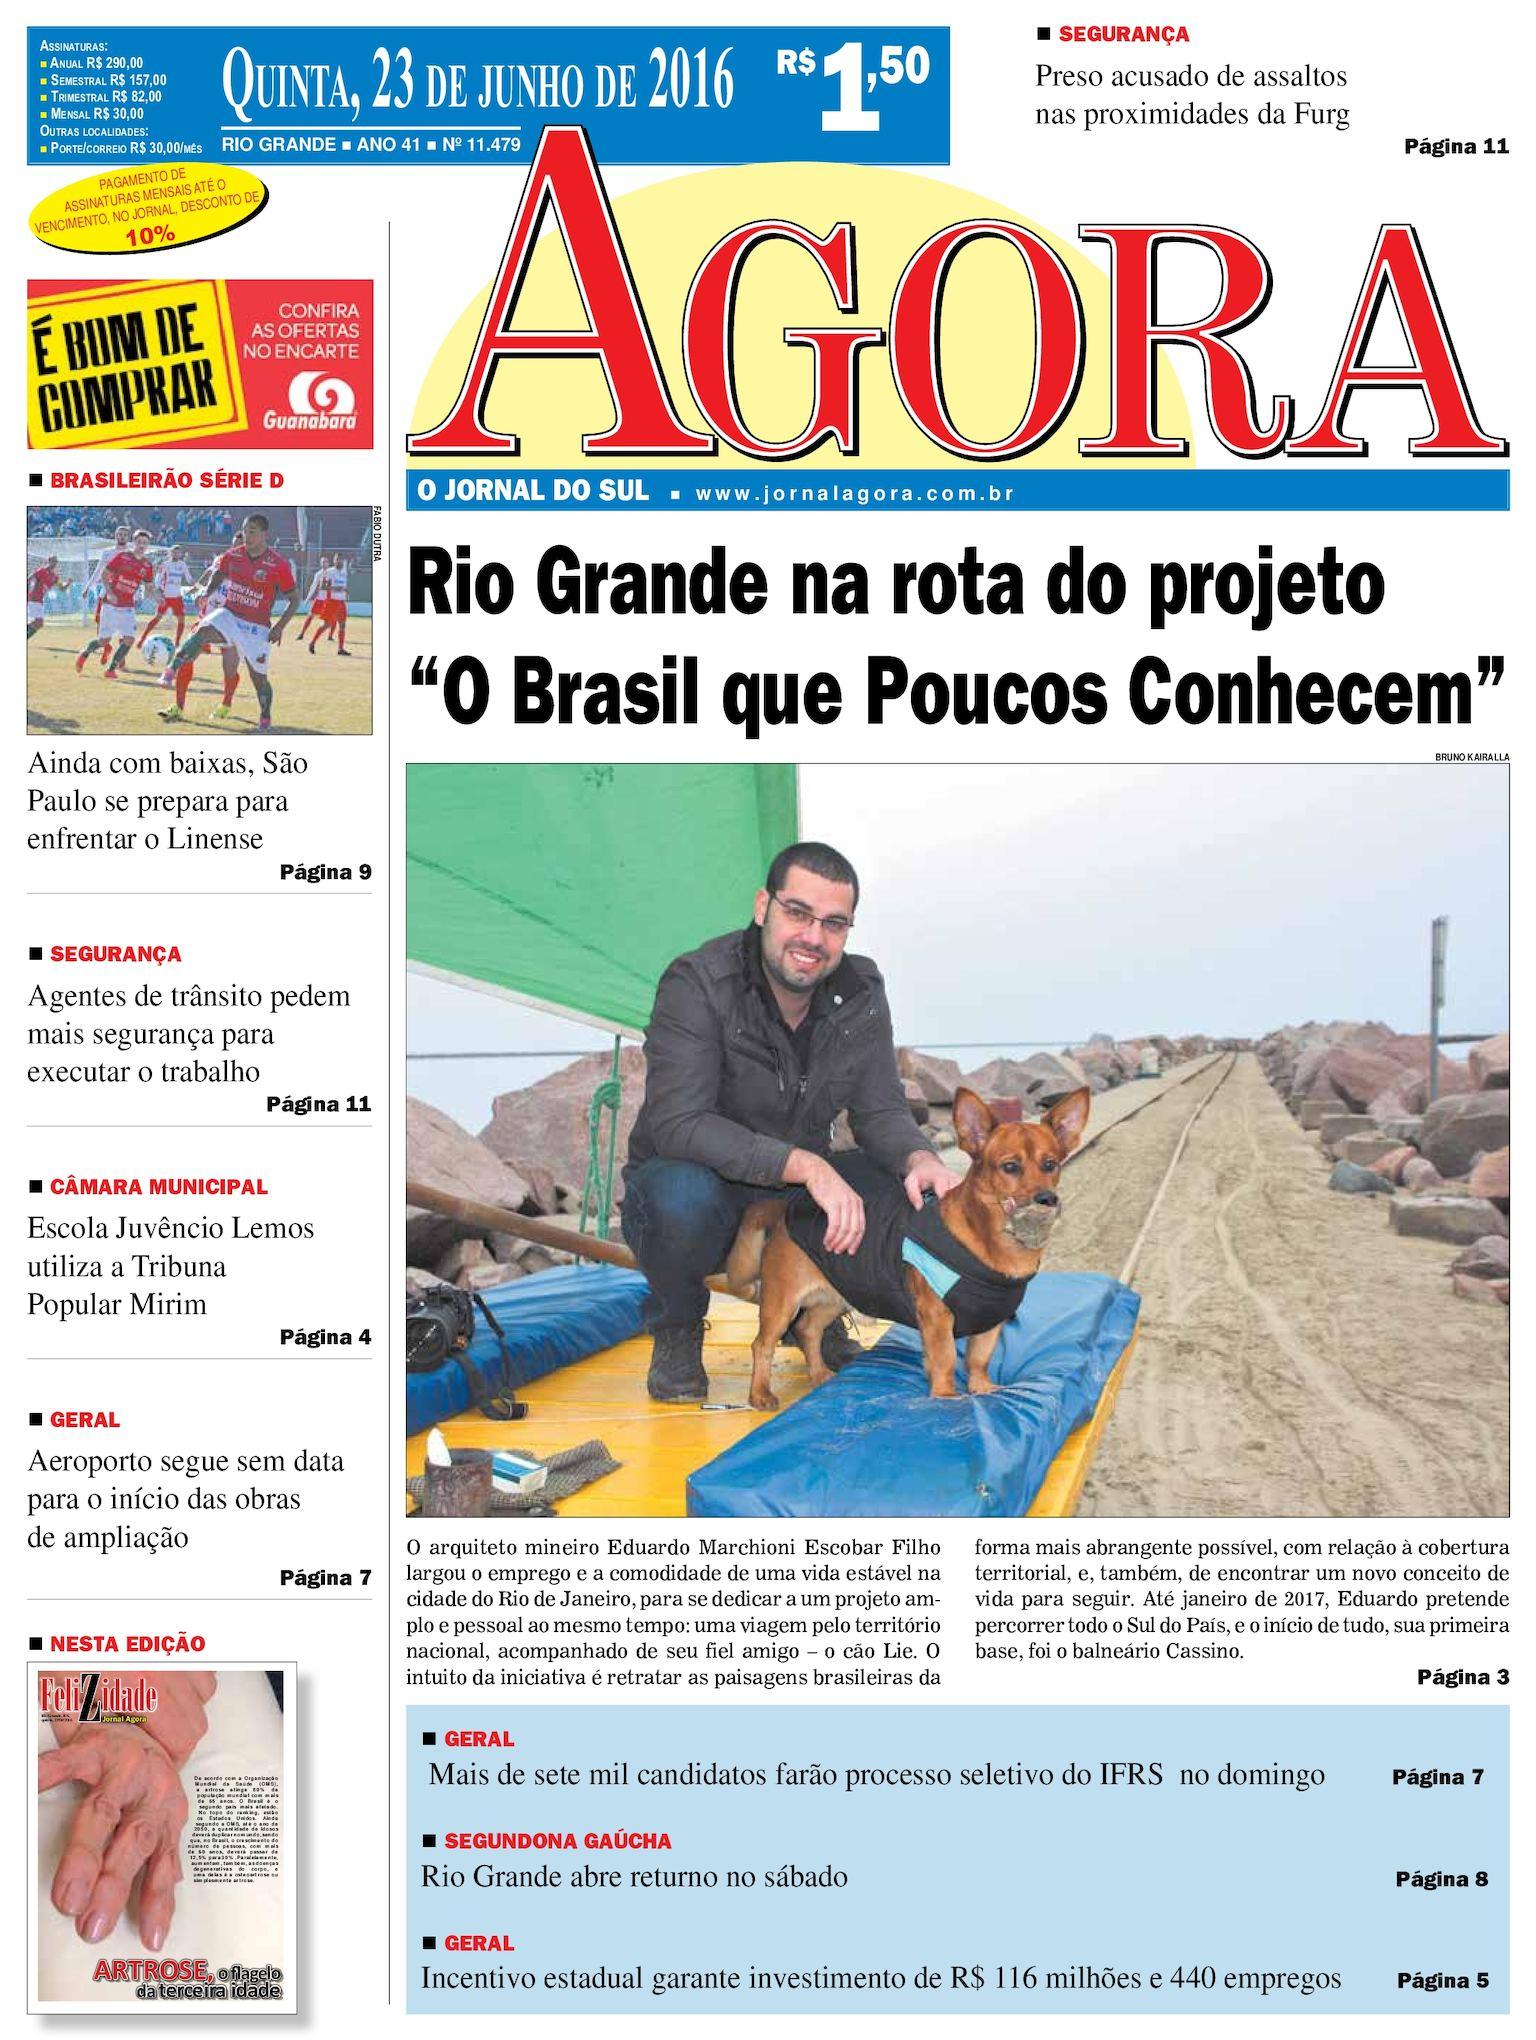 Calaméo - Jornal Agora - Edição 11479 - 23 de Junho de 2016 220cab310e